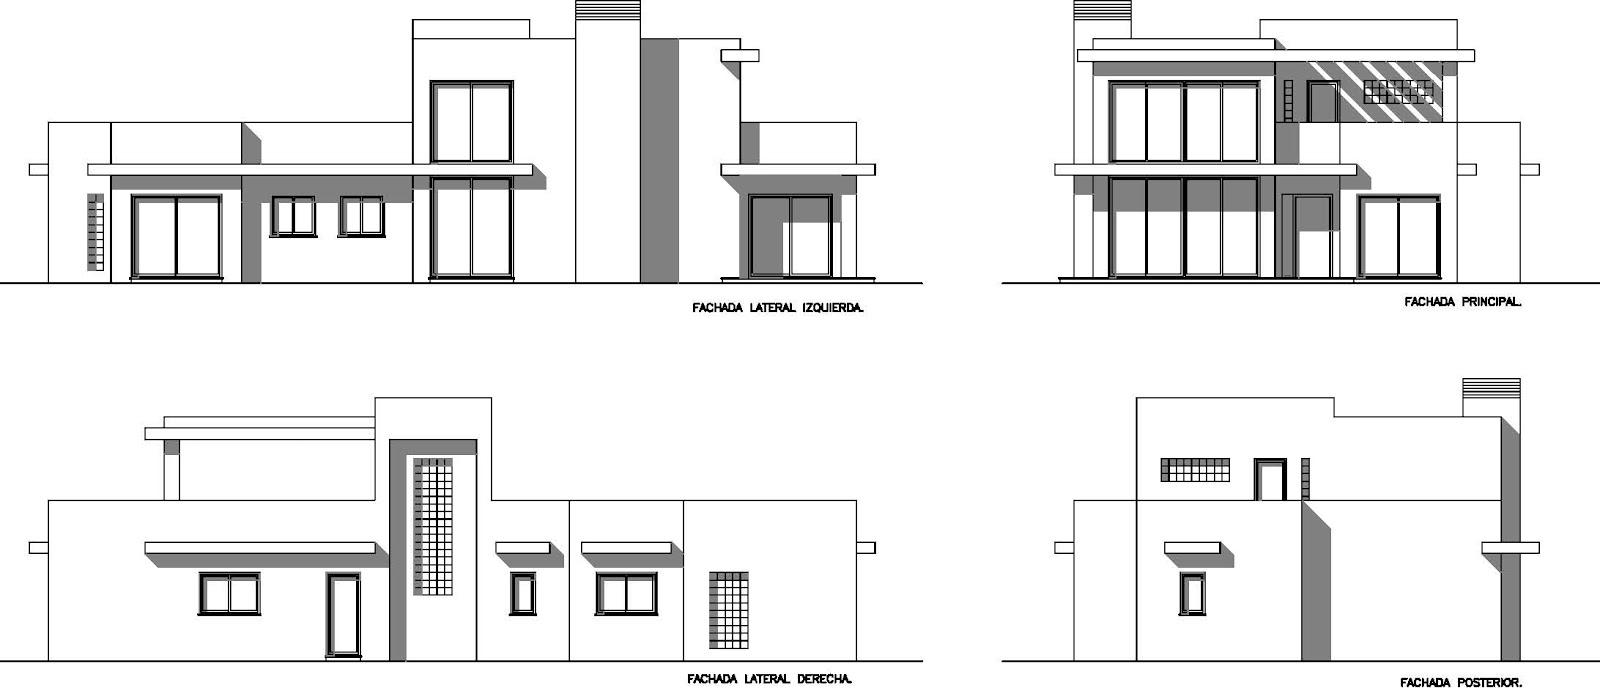 casa de este alojamiento diseno de viviendas On diseno de viviendas pdf